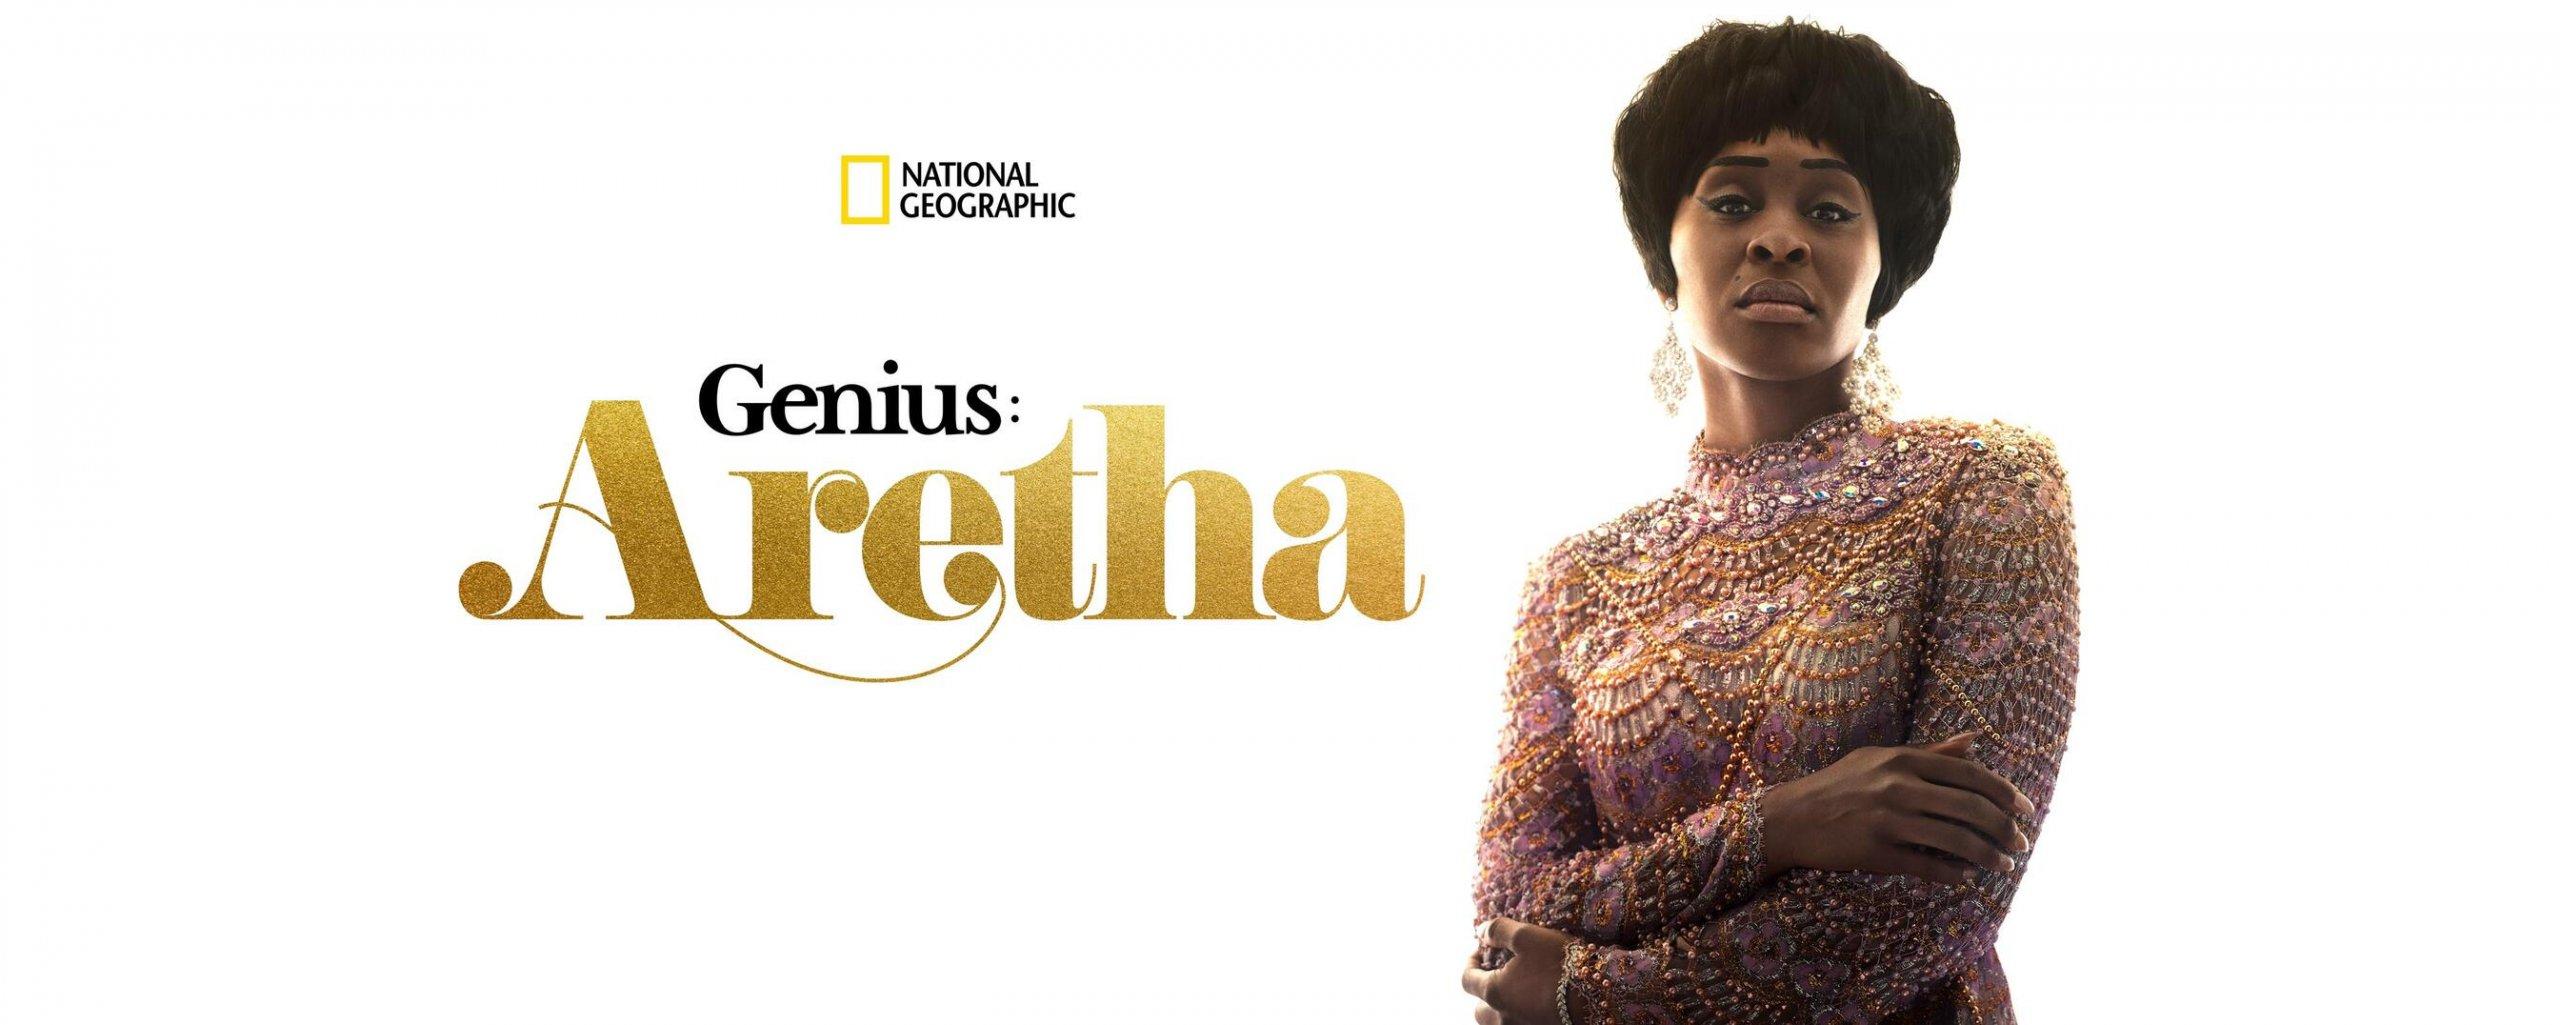 Genius : Aretha, l'avis de la rédac' sur la saison 3 consacrée à Aretha Franklin (National Geographic)